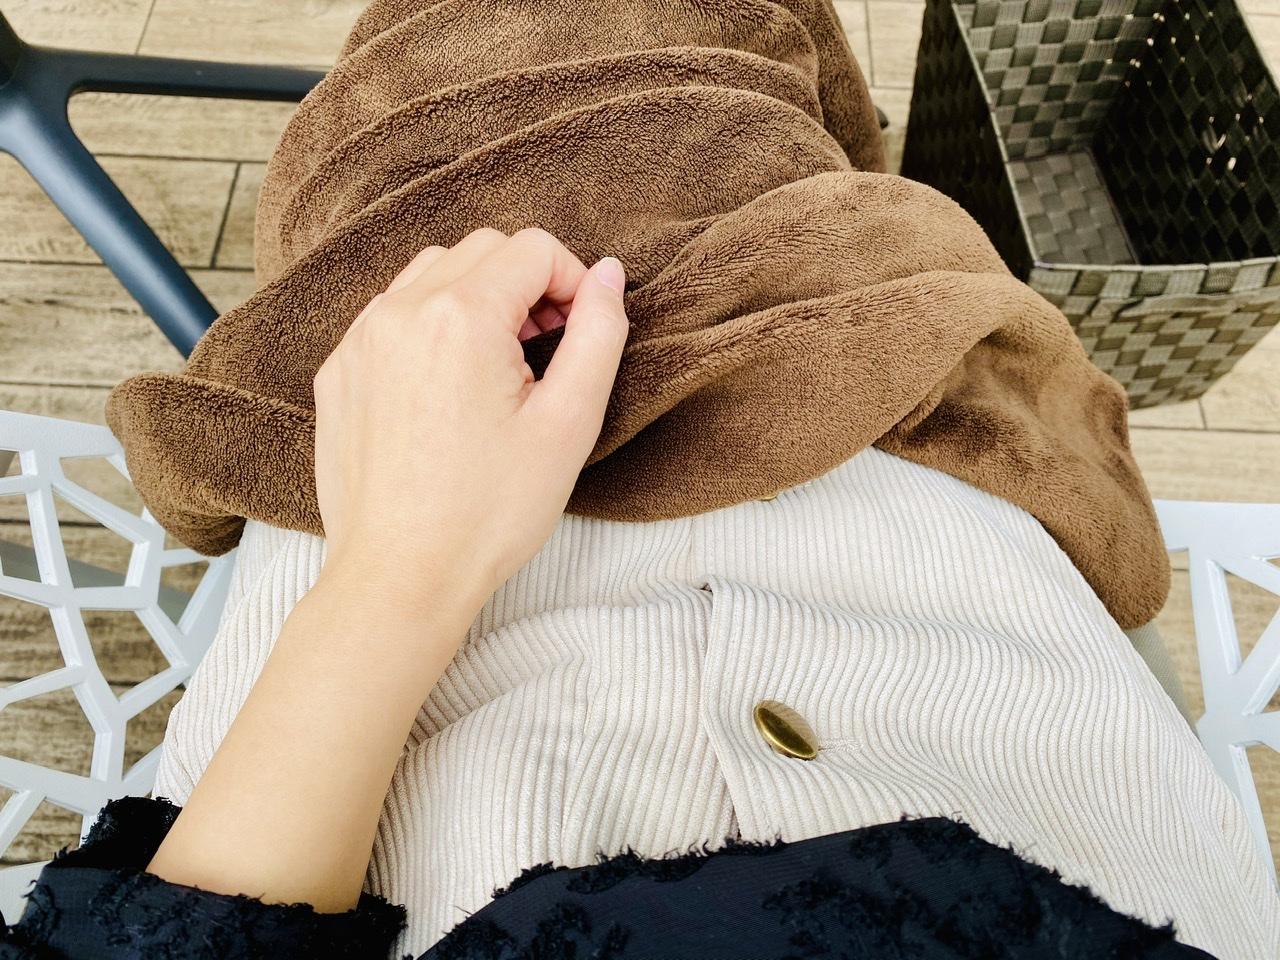 【表参道カフェ】冬でも快適!映え度抜群★緑溢れるガーデンテラスがお洒落すぎる♡_5